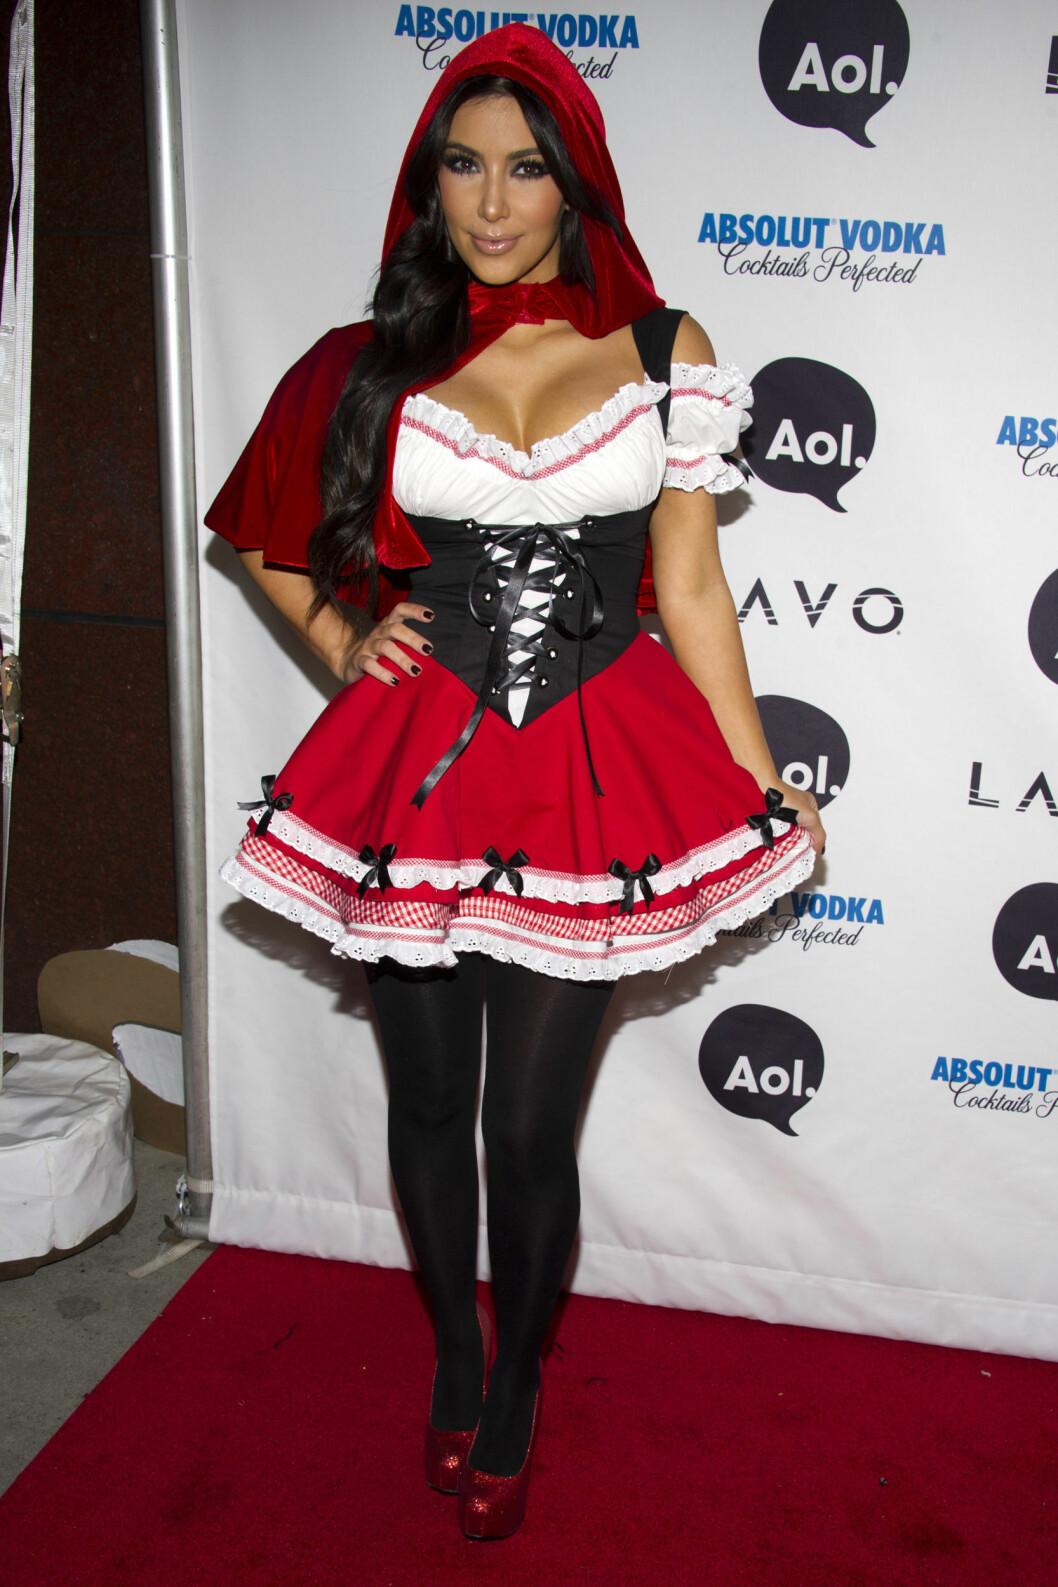 SØT: Kim Kardashian velger ofte søte kostymer. Her utkledd som lille rødhette i 2010. Foto: Ap